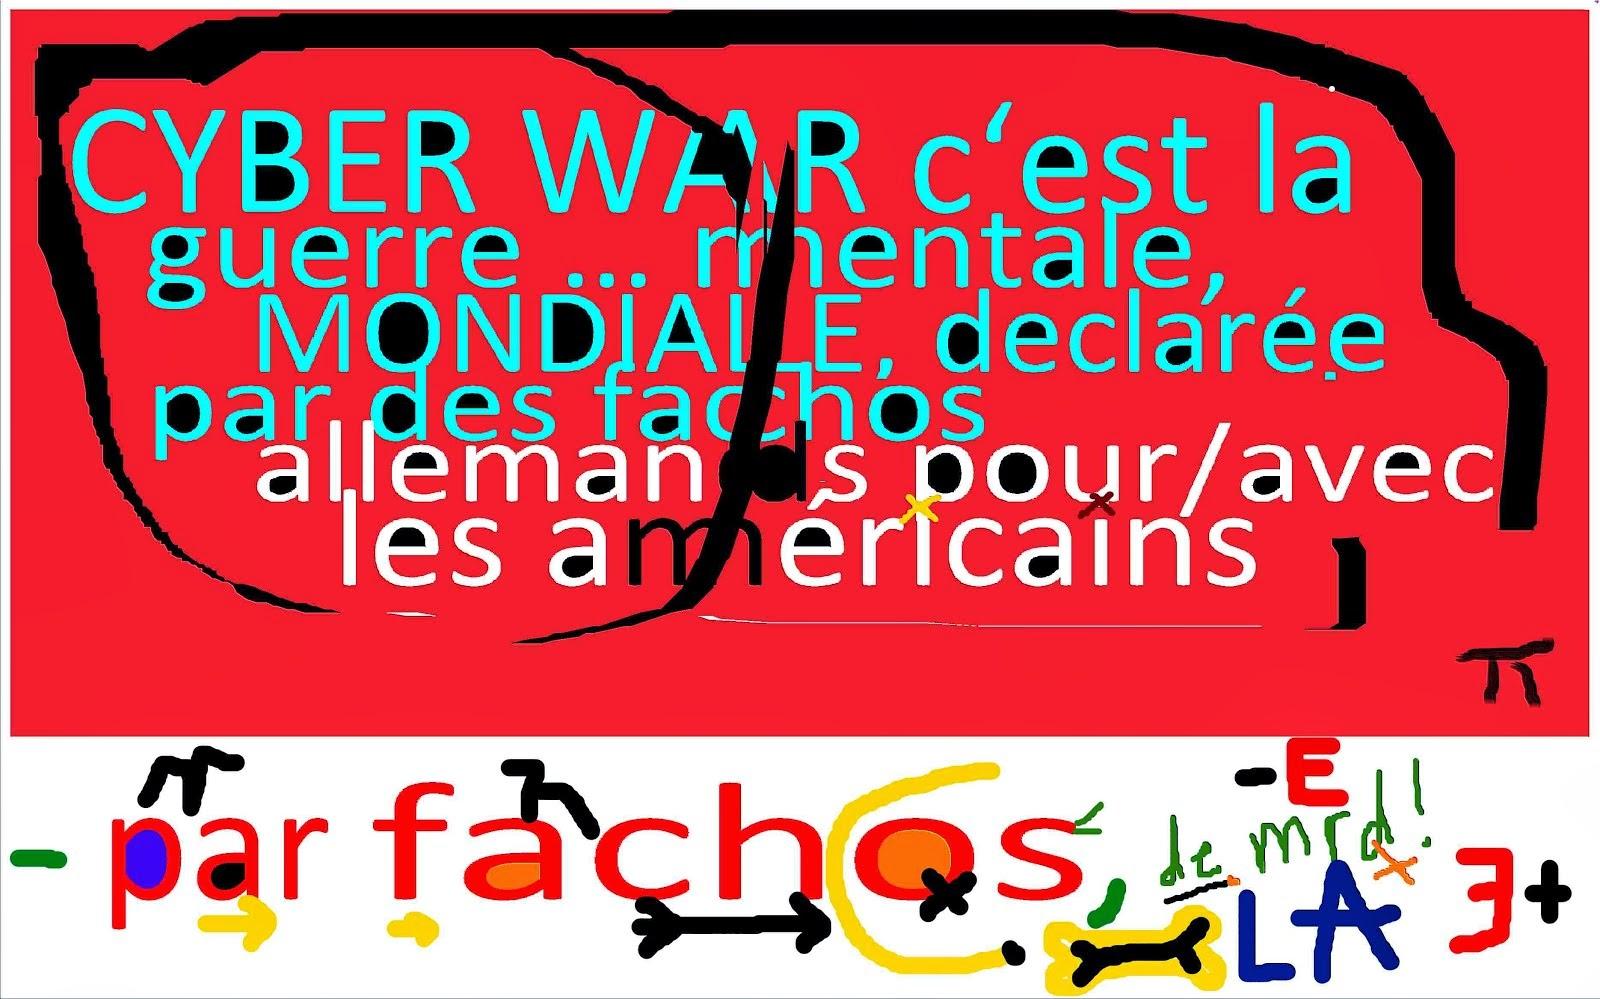 guerre mentale contre ART et artistes gérard depardieu mischa vetere garenne EXIT bâle protéger FR